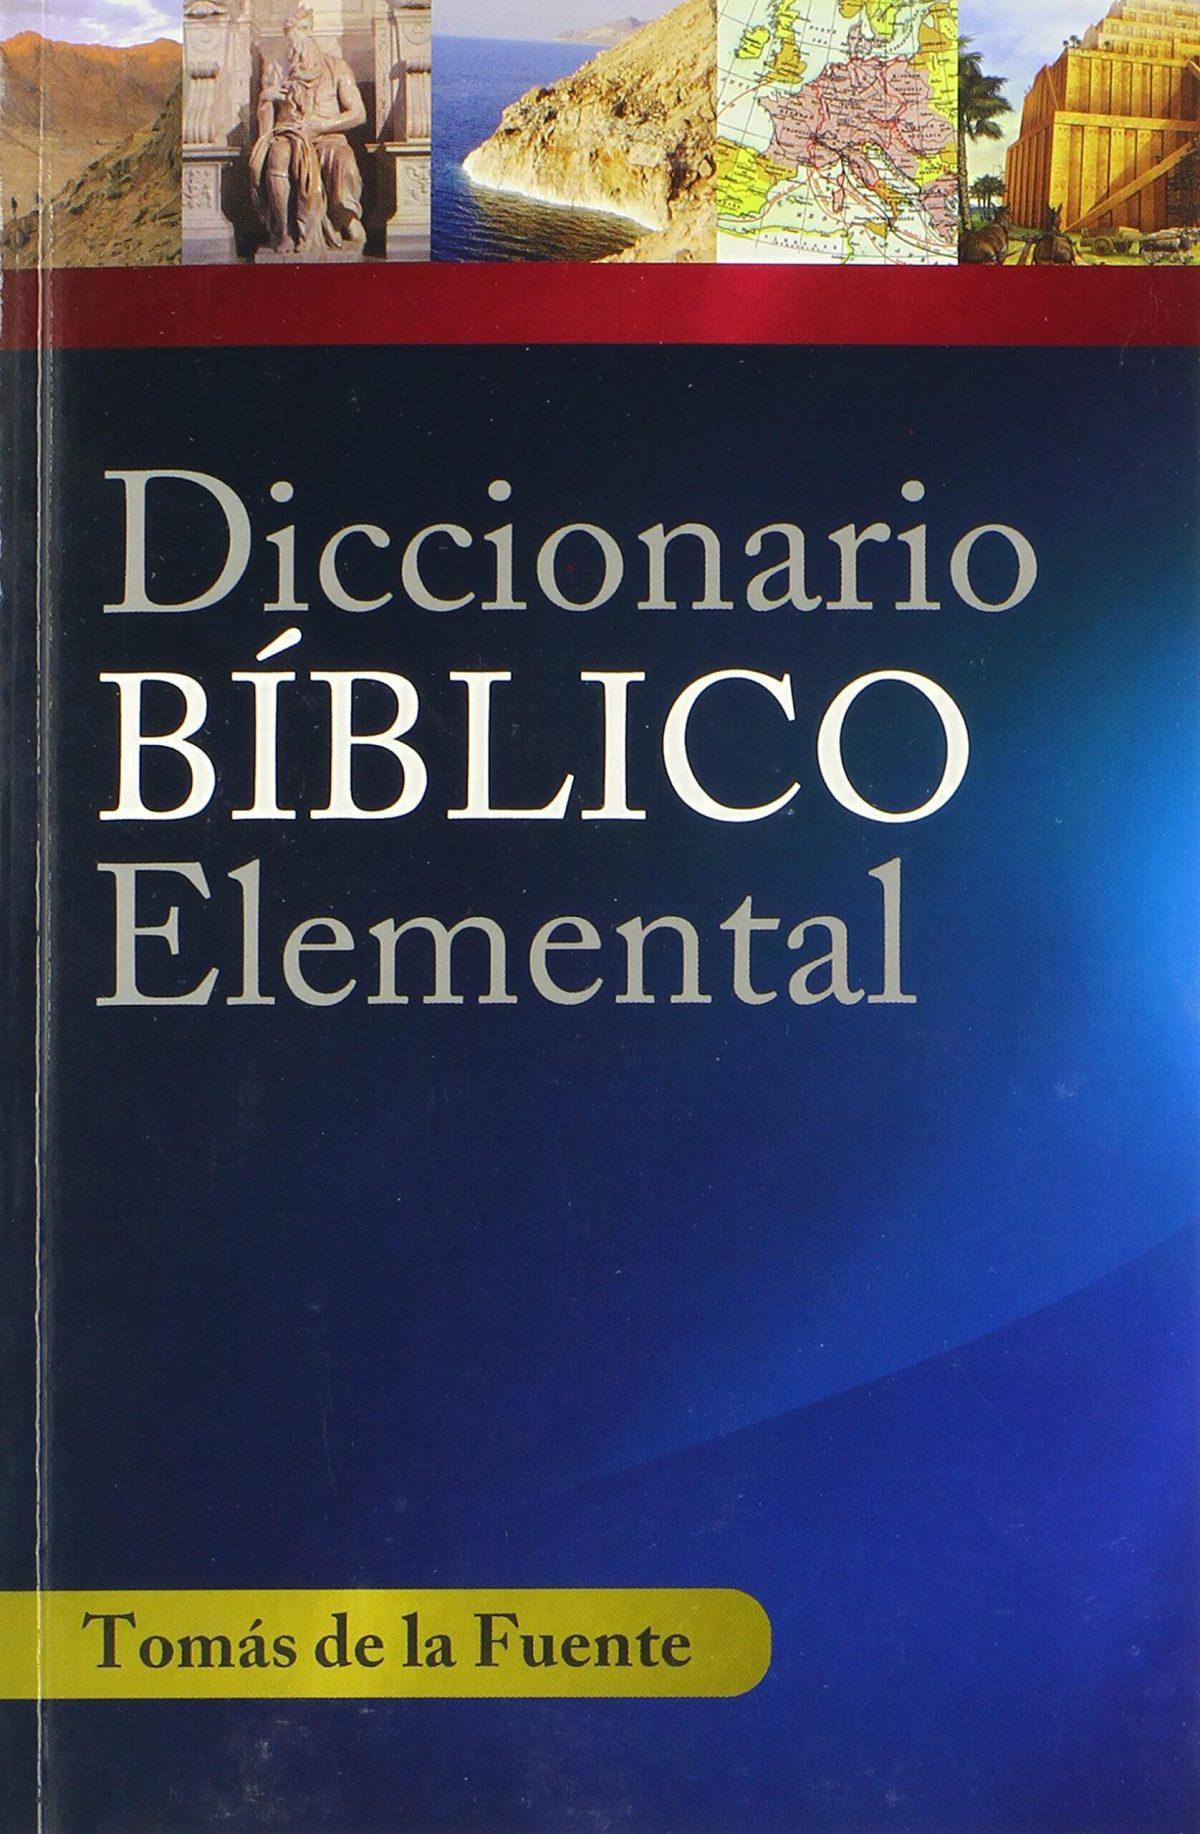 DICCIONARIO BIBLICO ELEMENTAL